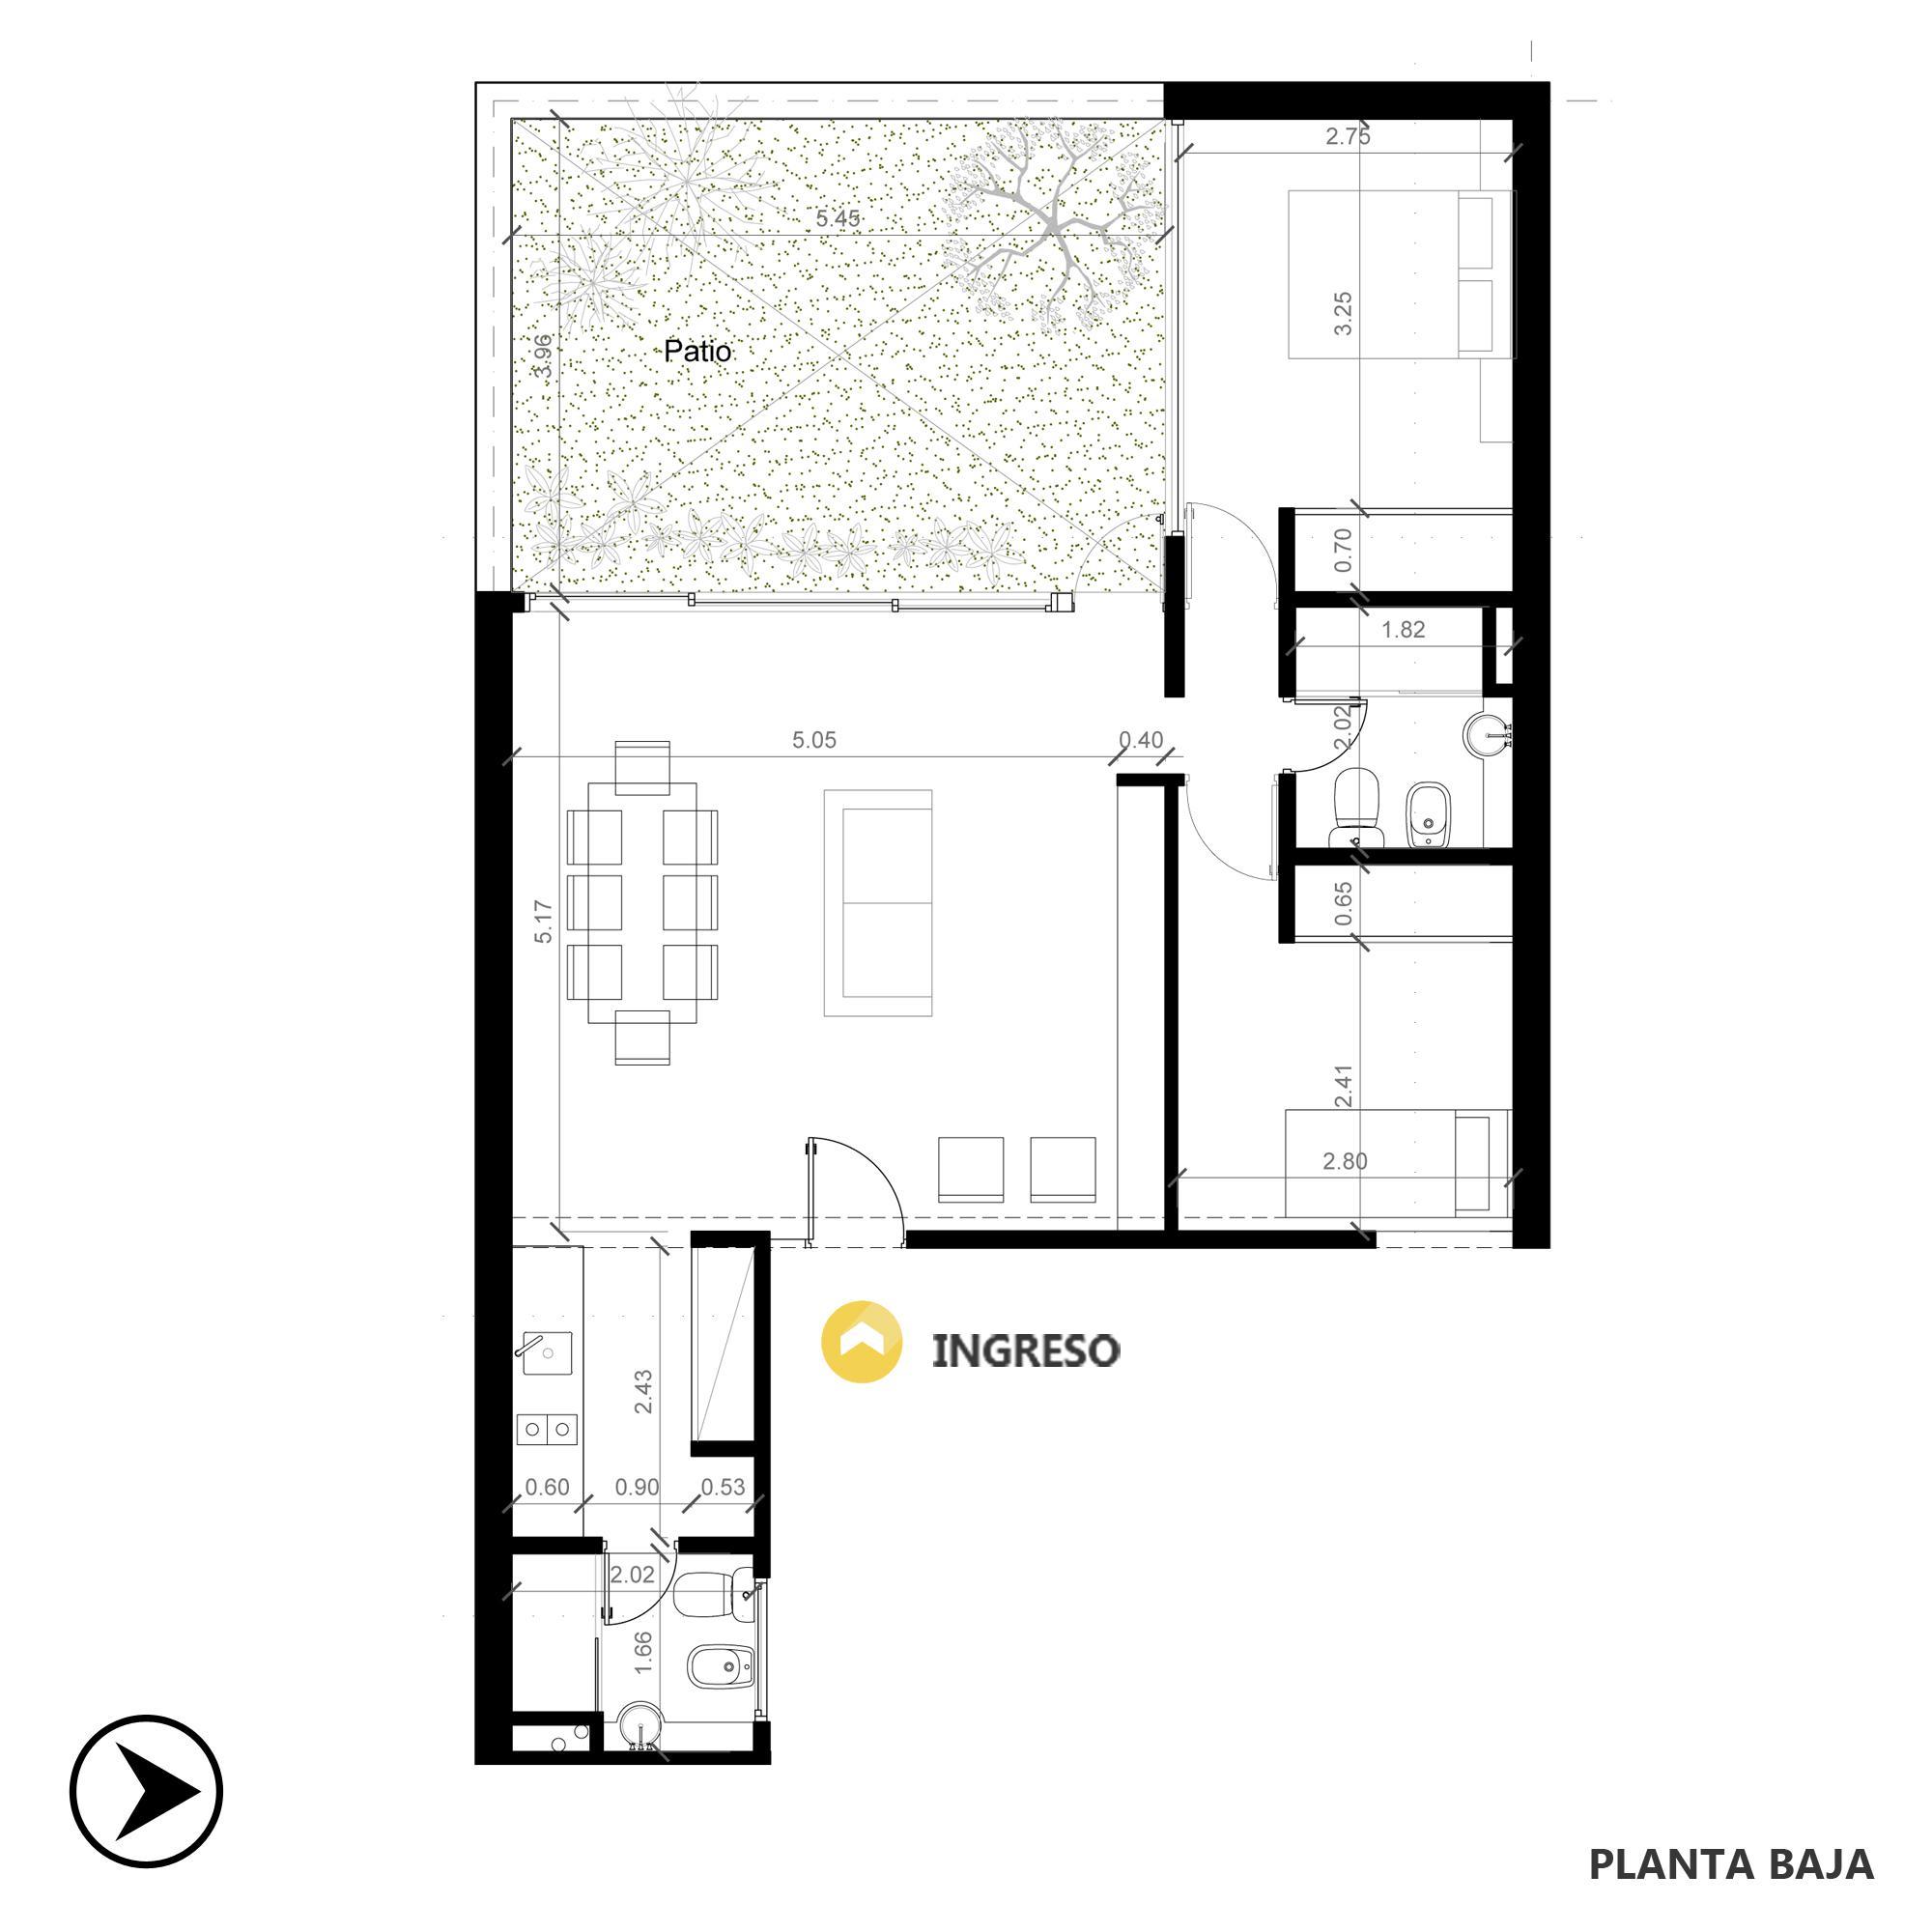 Venta departamento 2 dormitorios Rosario, . Cod CBU7828 AP2020038. Crestale Propiedades